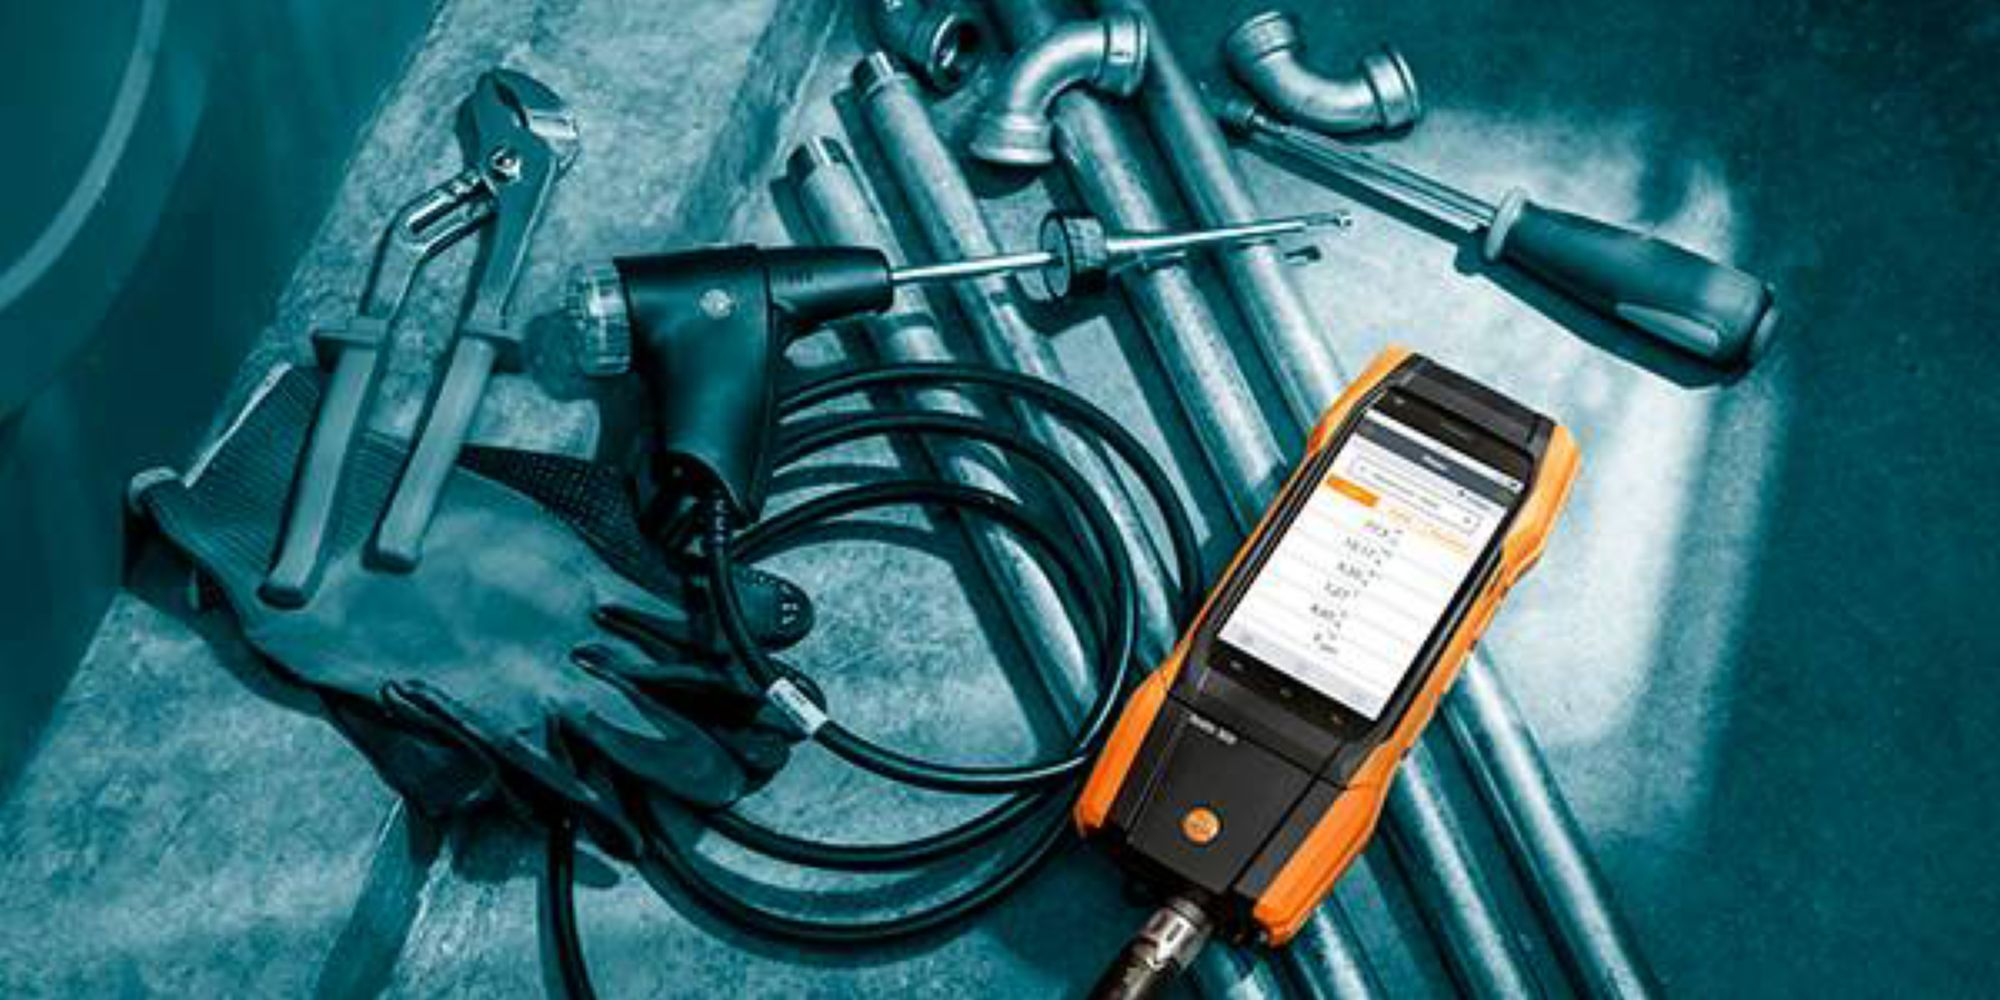 """Yeni nesil baca gazı analiz cihazı """"testo 300"""" ve ısıtma sektörüne yönelik ölçüm cihazları"""